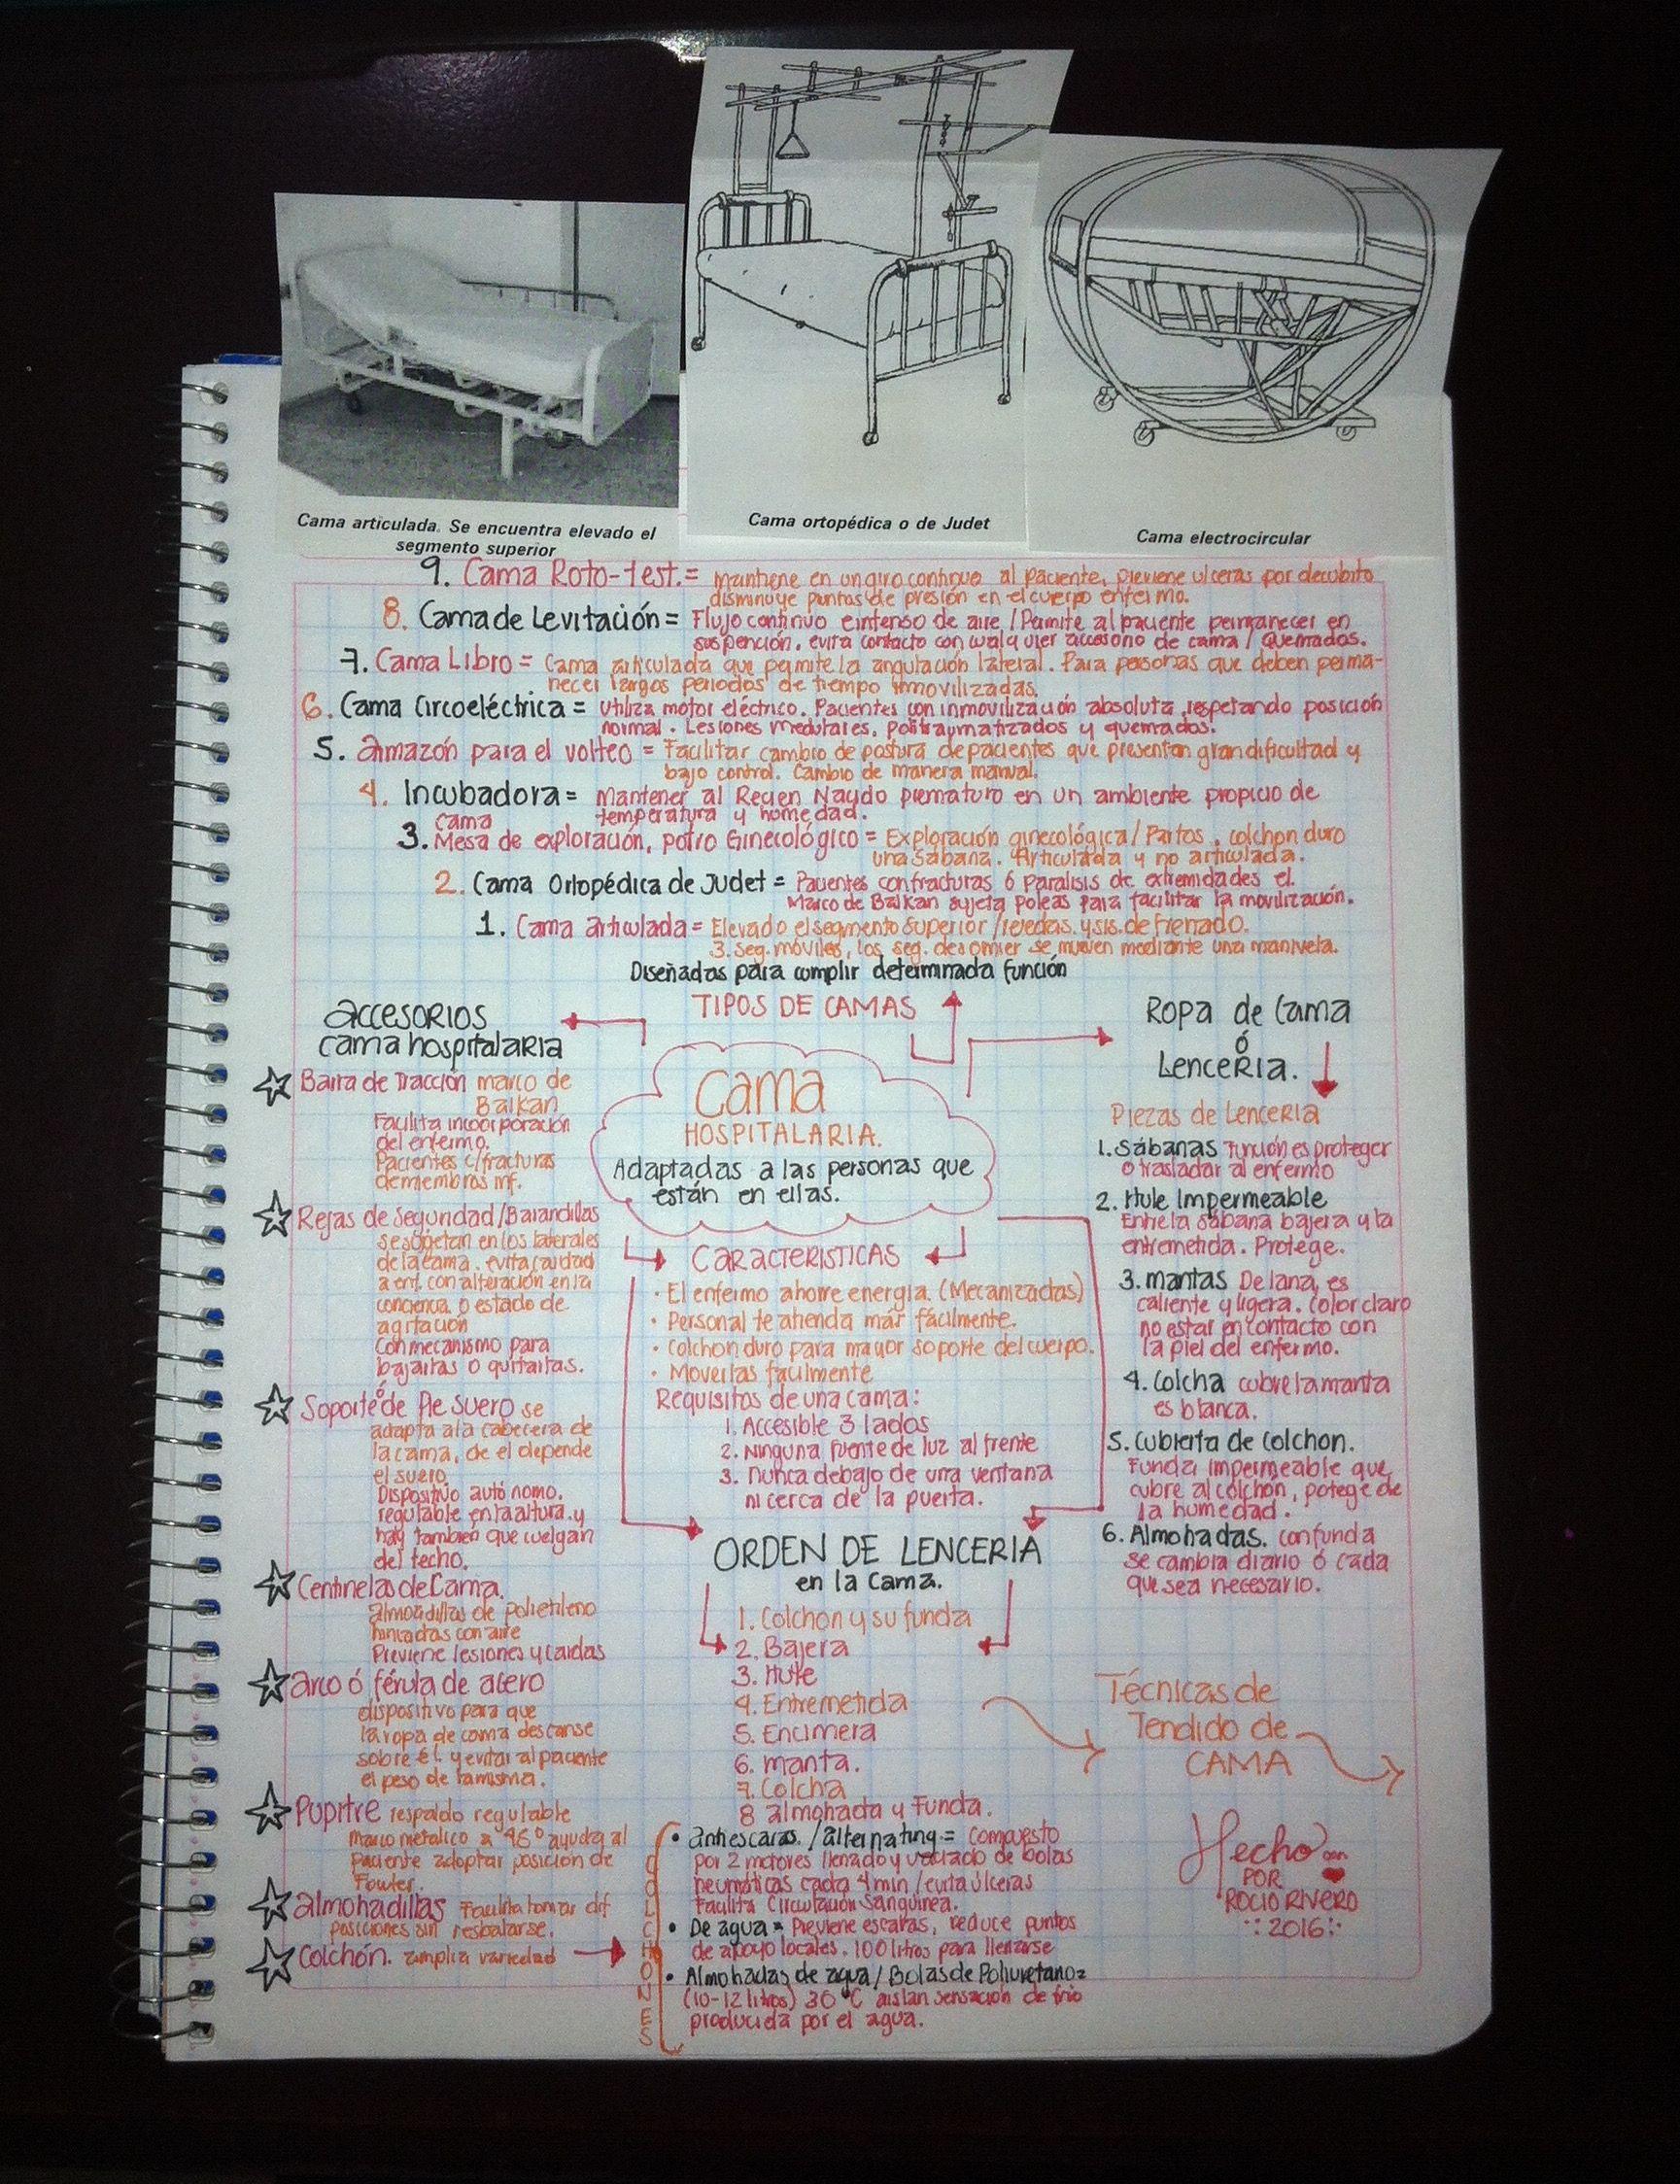 La Cama Hospitalaria Es El Lugar De Reposo En El Que Un Paciente Puede Pasar Según Su Enfermedad La Mayor Parte De Las Hor Sketch Notes Bullet Journal Notes